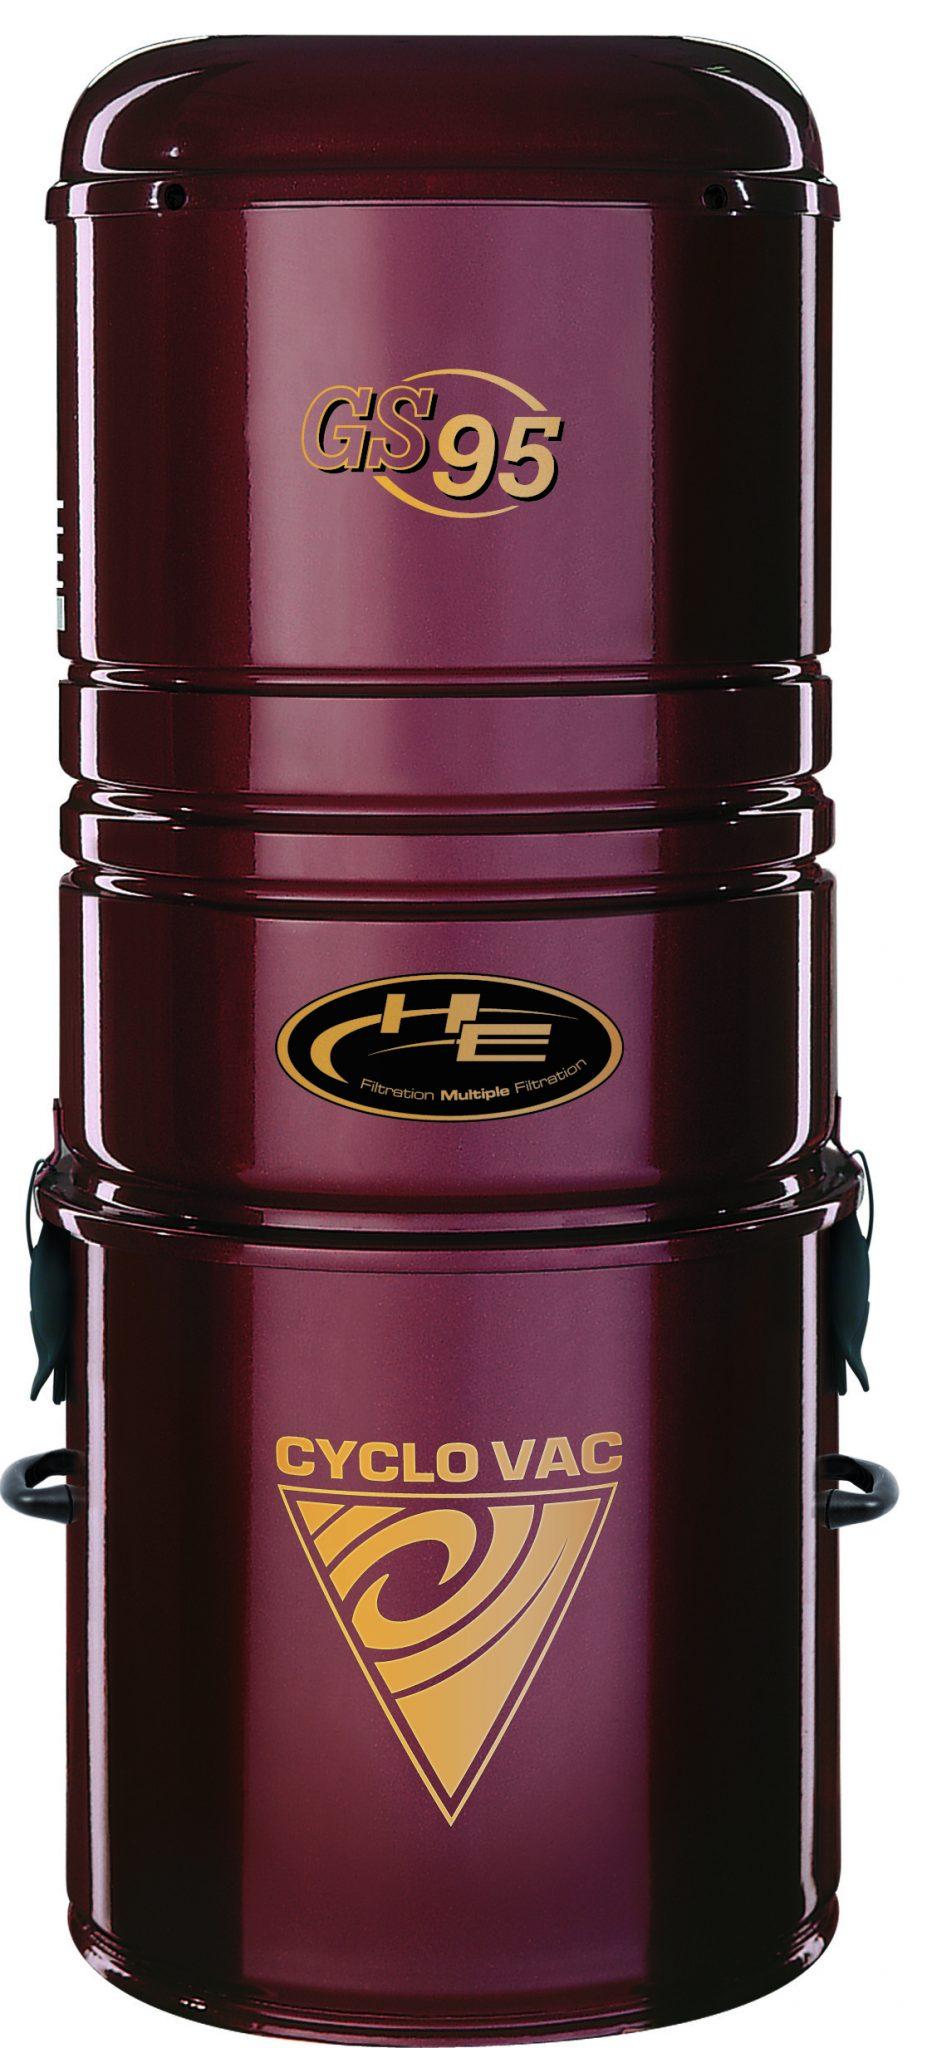 cyclo_vac_gs95_central_vacuum_unit